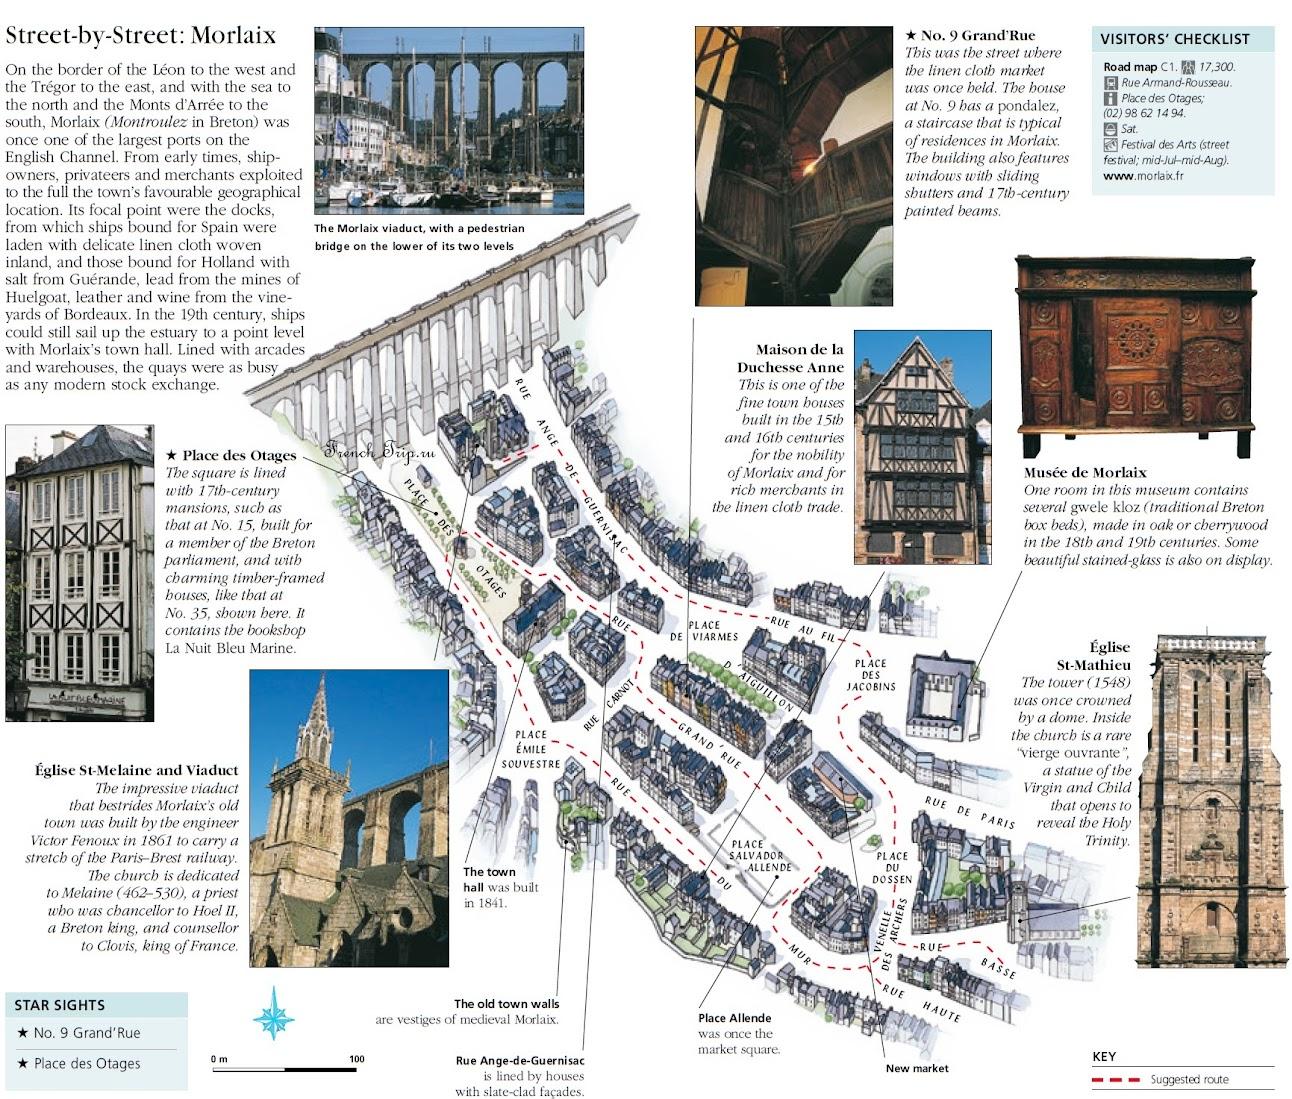 Туристический маршрут по городу Morlaix (Морле) с отмеченными достопримечательностями и описаниями на английском языке